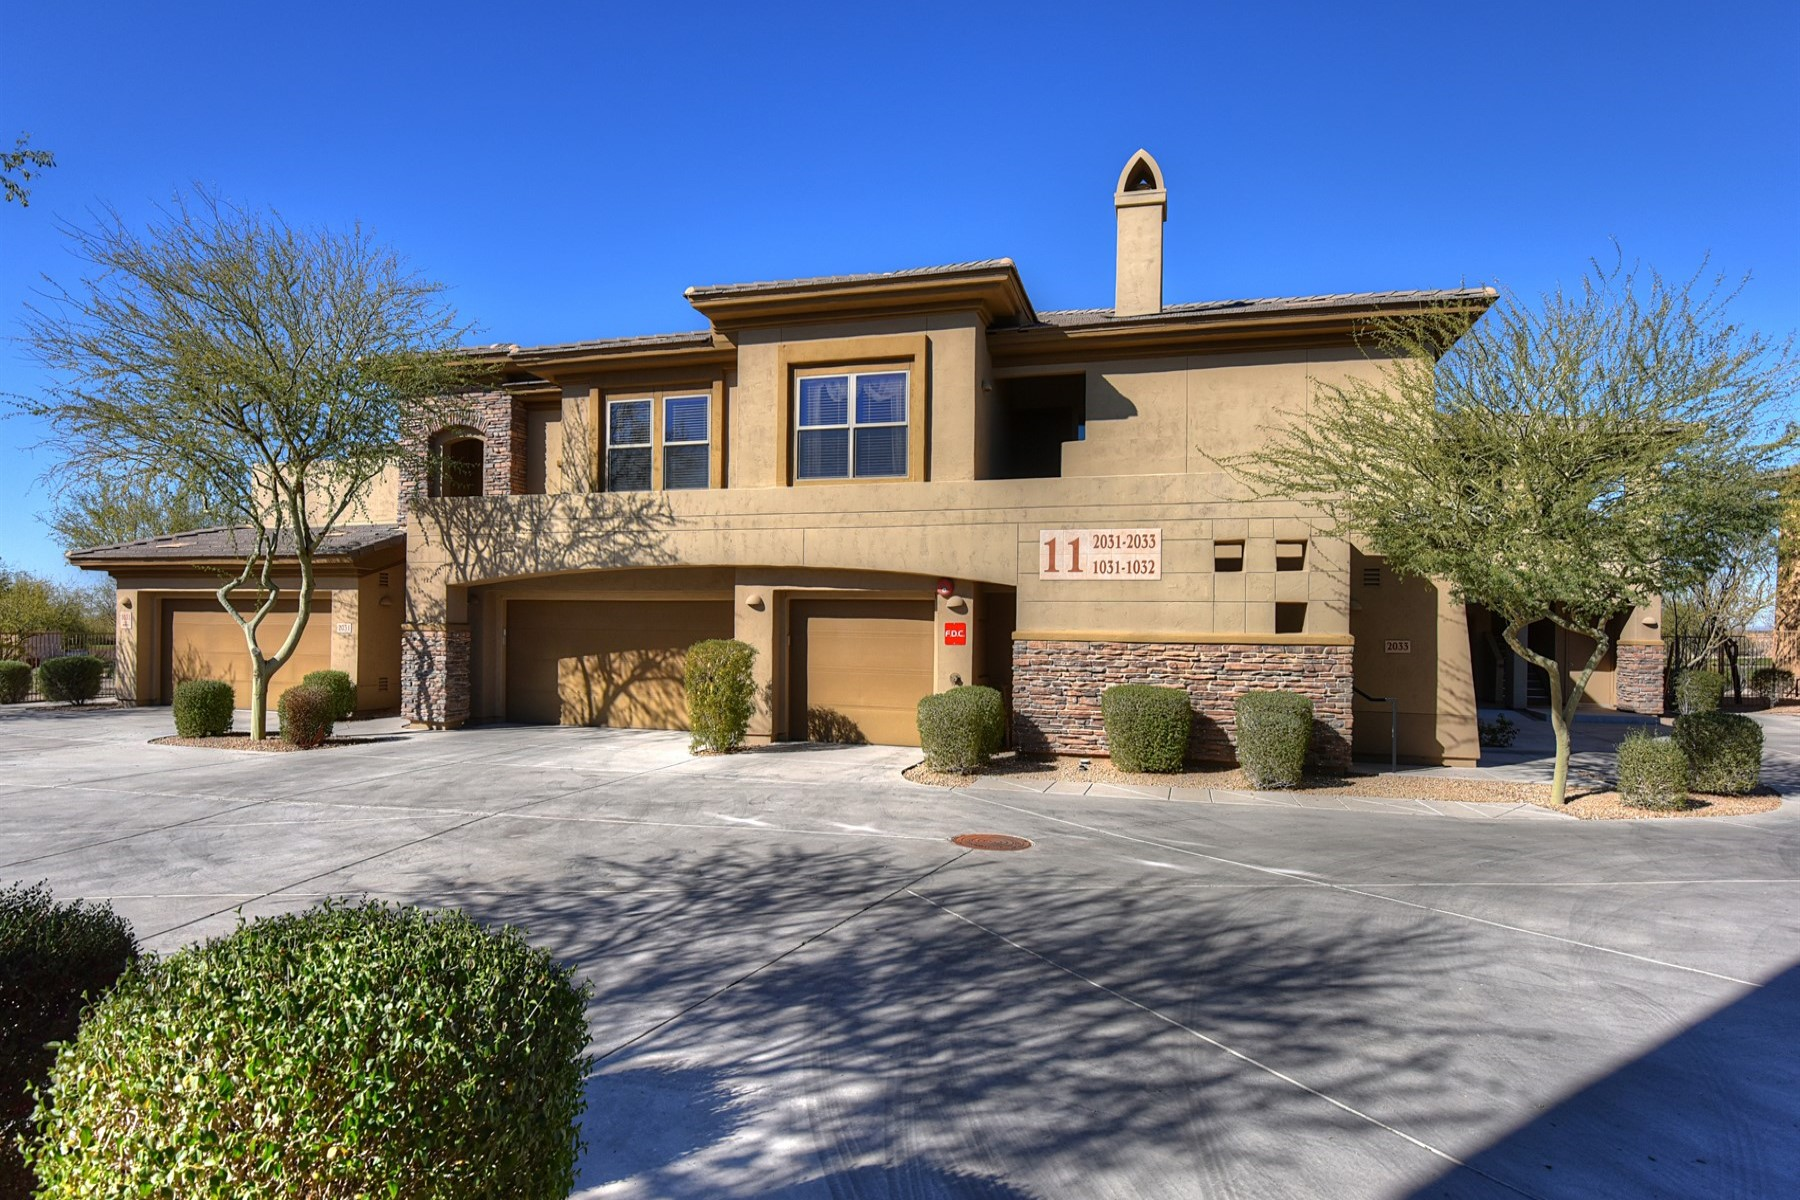 獨棟家庭住宅 為 出售 在 Gracious Remodel in Ideal Paradise Valley Location 5723 N Harding Drive Paradise Valley, 亞利桑那州 85253 美國